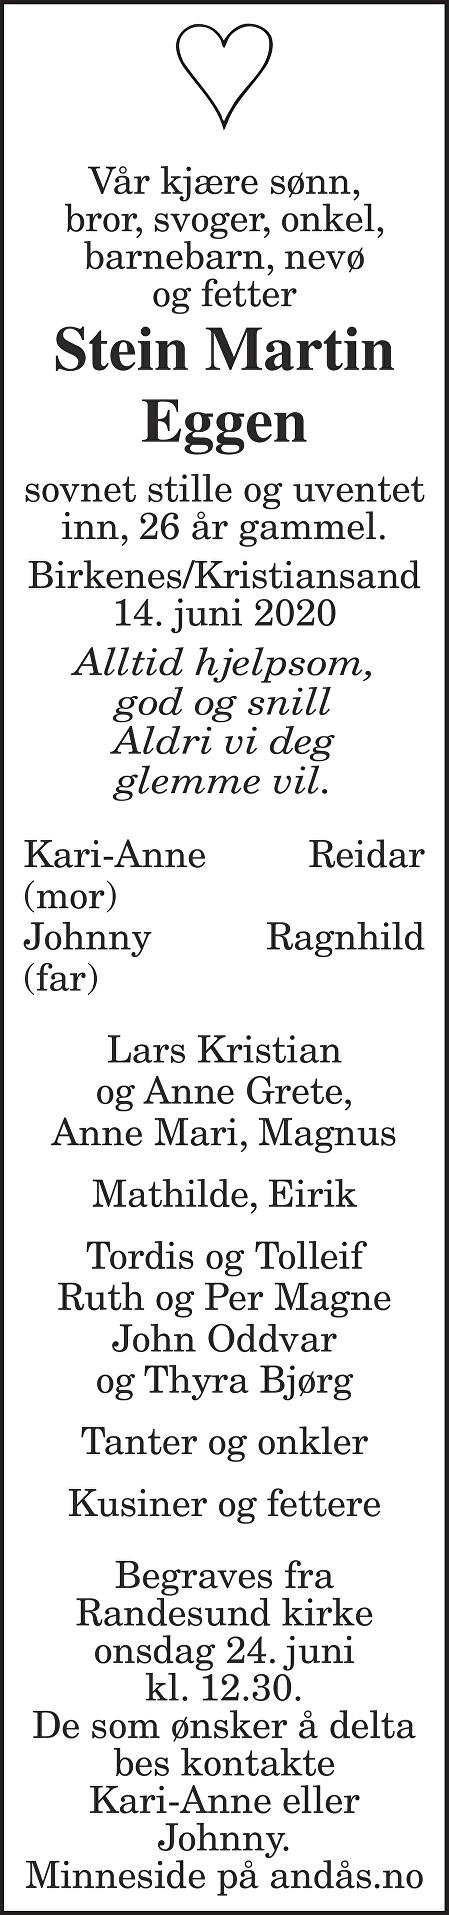 Stein Martin Eggen Dødsannonse